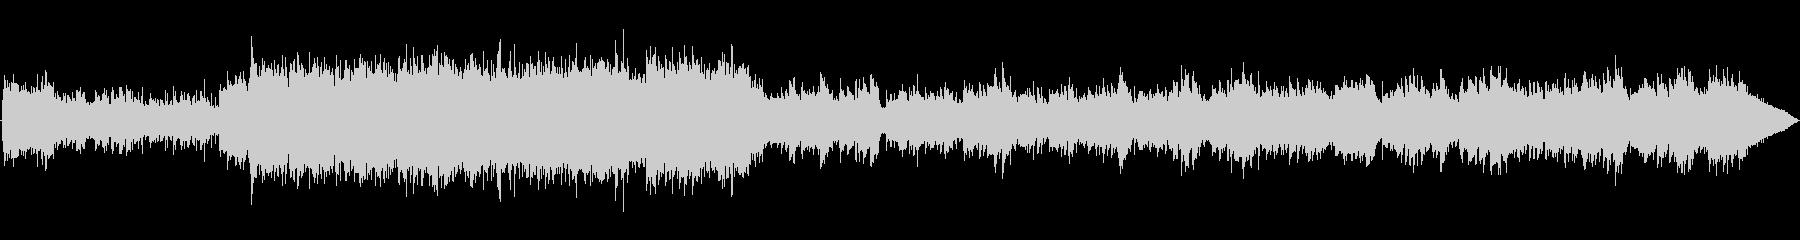 シタールを使ったループ音源の未再生の波形